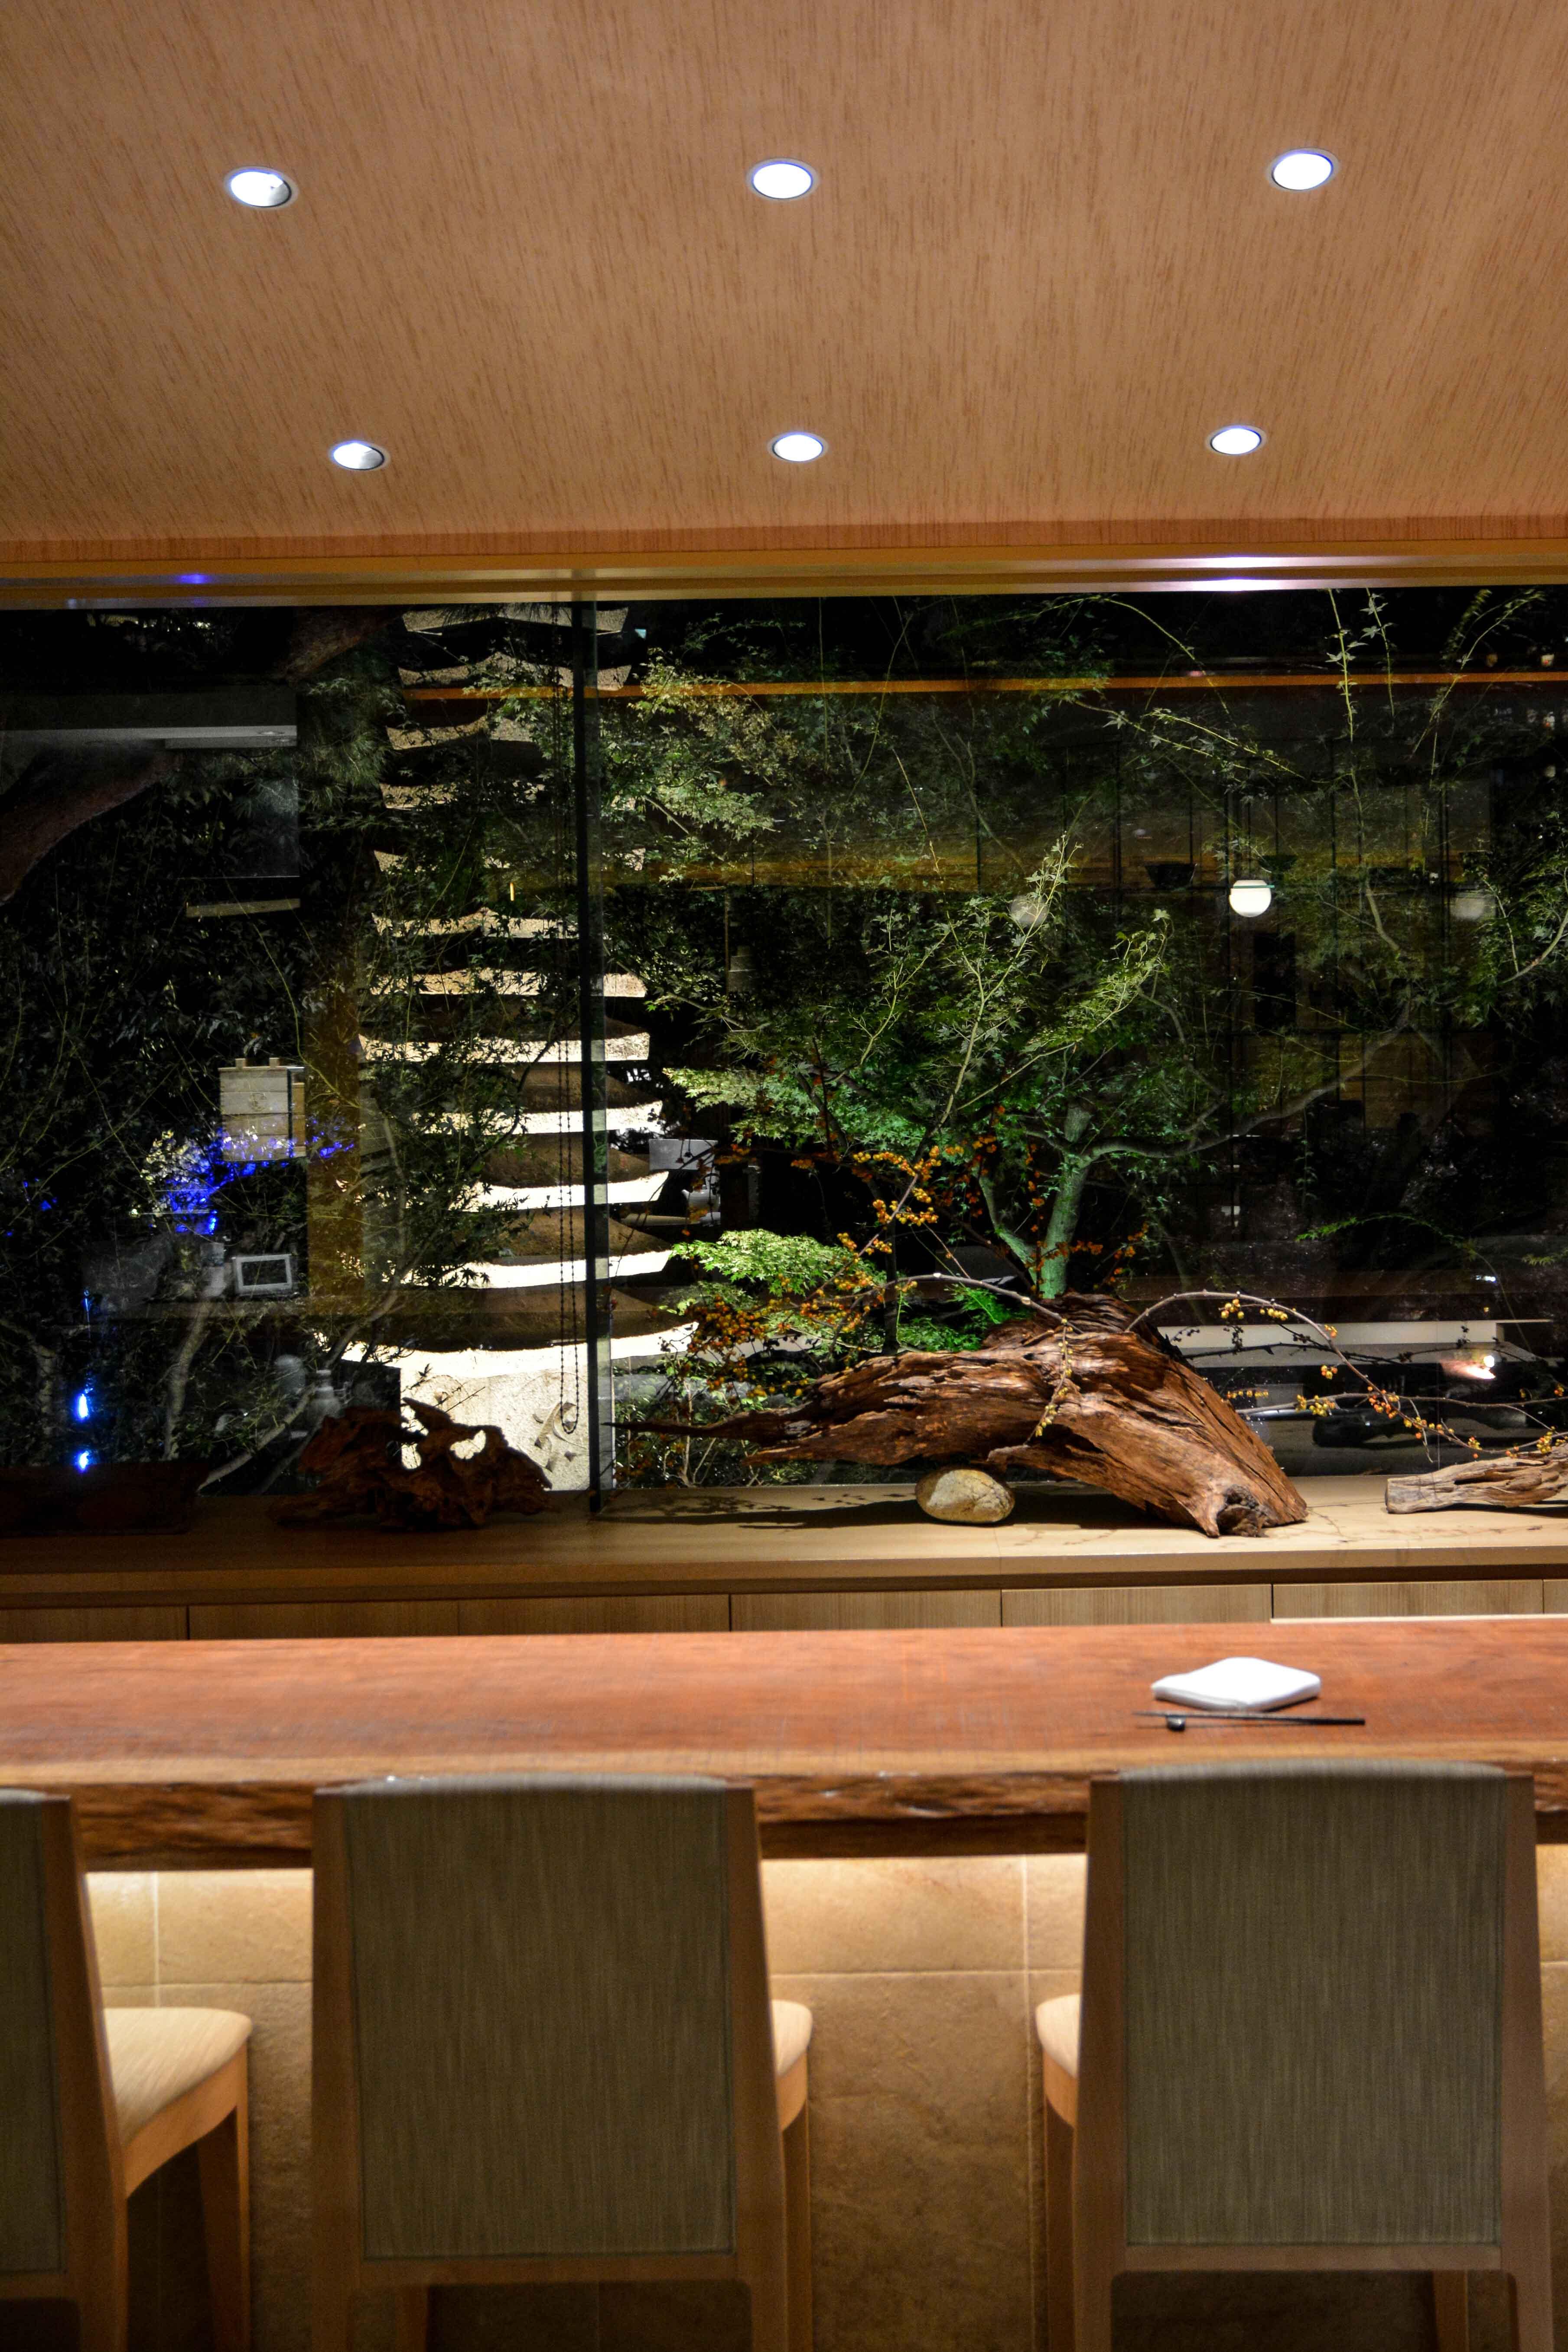 Le Jardin voyage au japon, à Tokyo avec le jardin Happo-en et son restaurant...